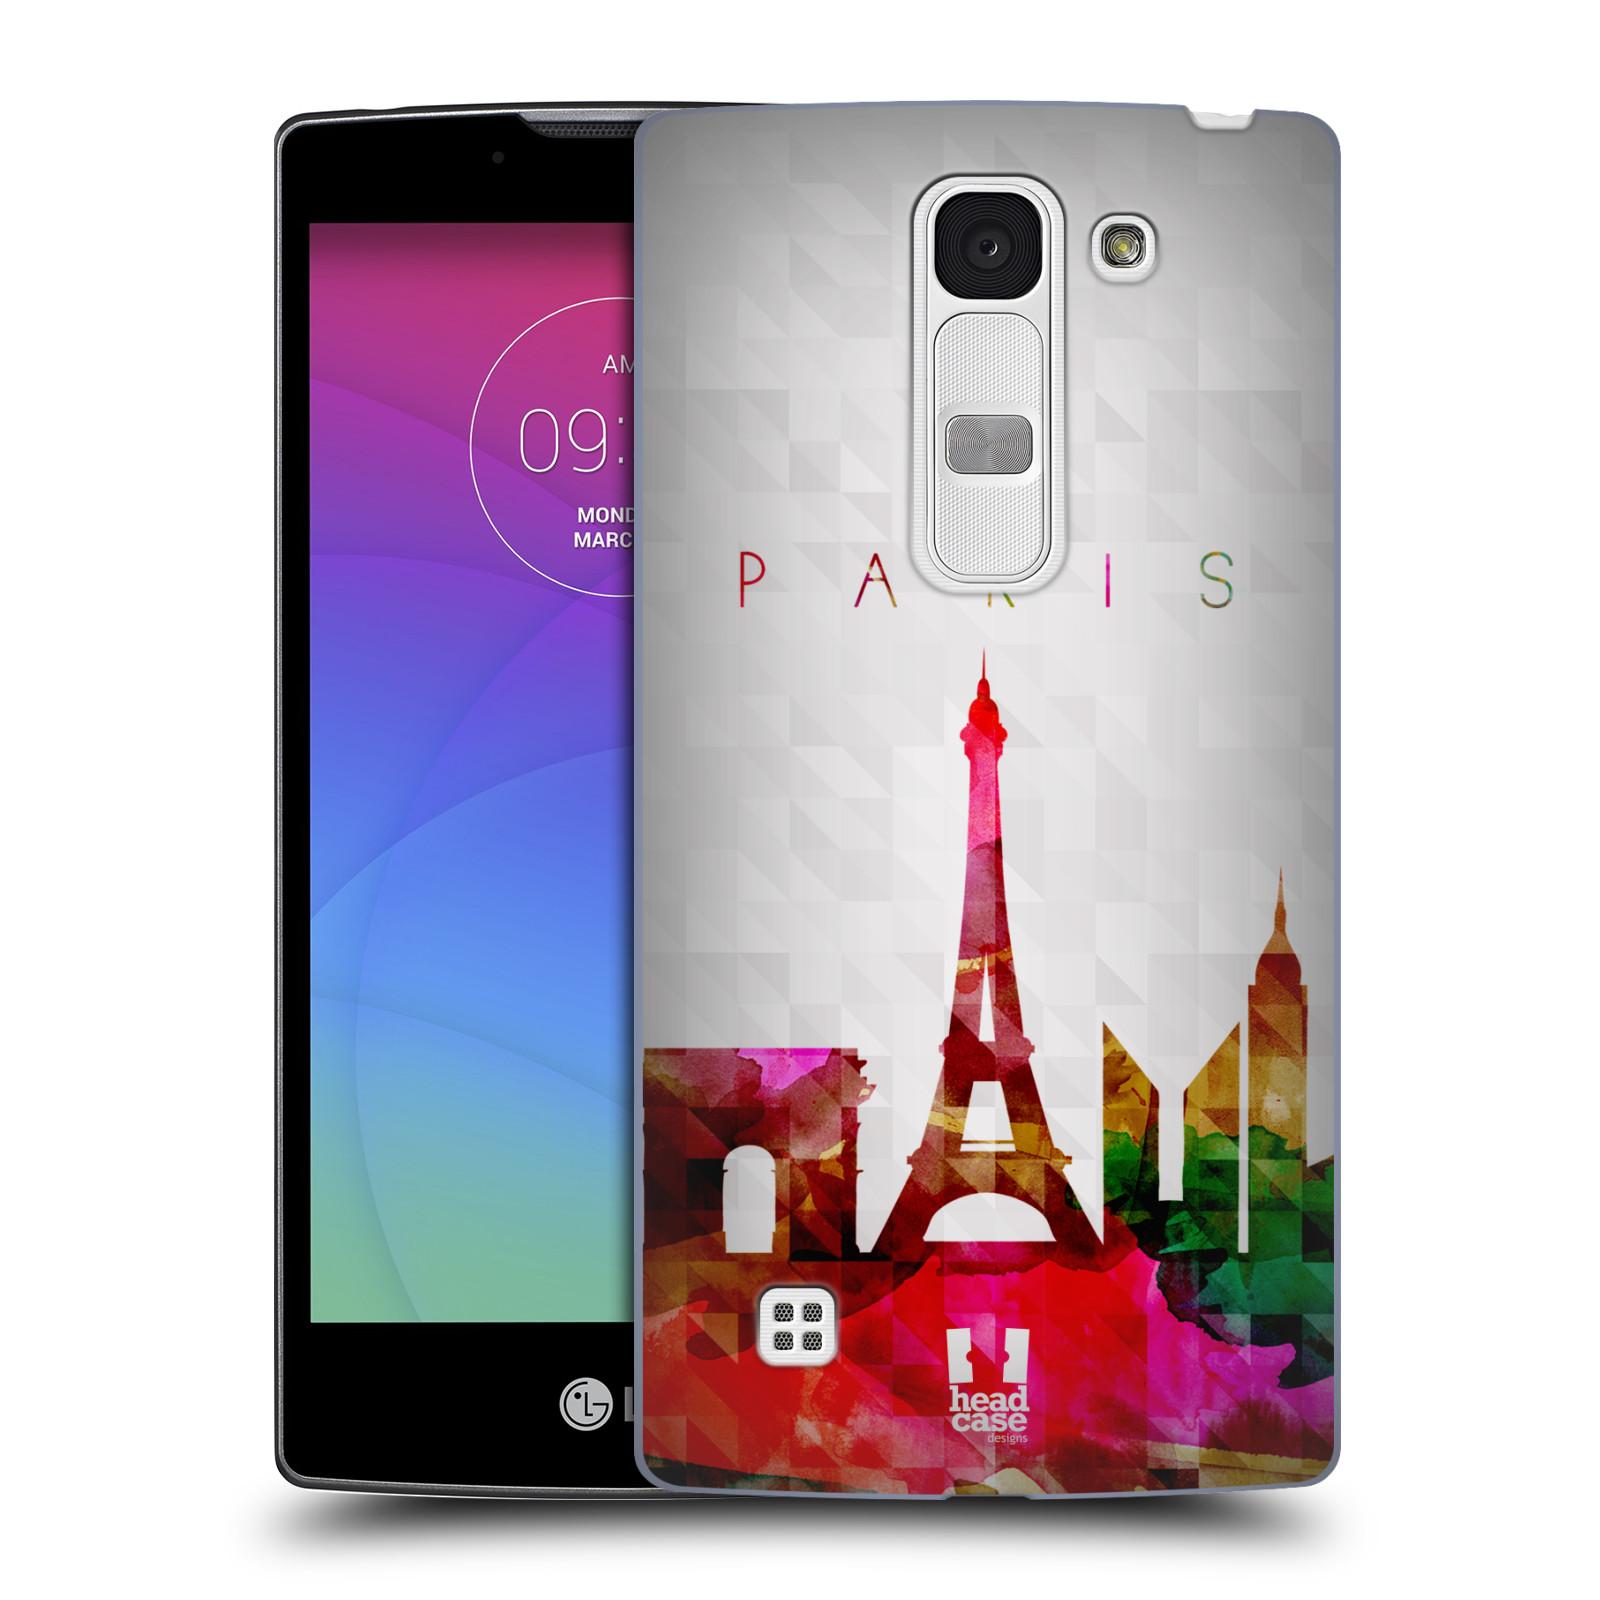 Plastové pouzdro na mobil LG Spirit LTE HEAD CASE SKYLINE PAŘIŽ (Kryt či obal na mobilní telefon LG Spirit H420 a LG Spirit LTE H440N)